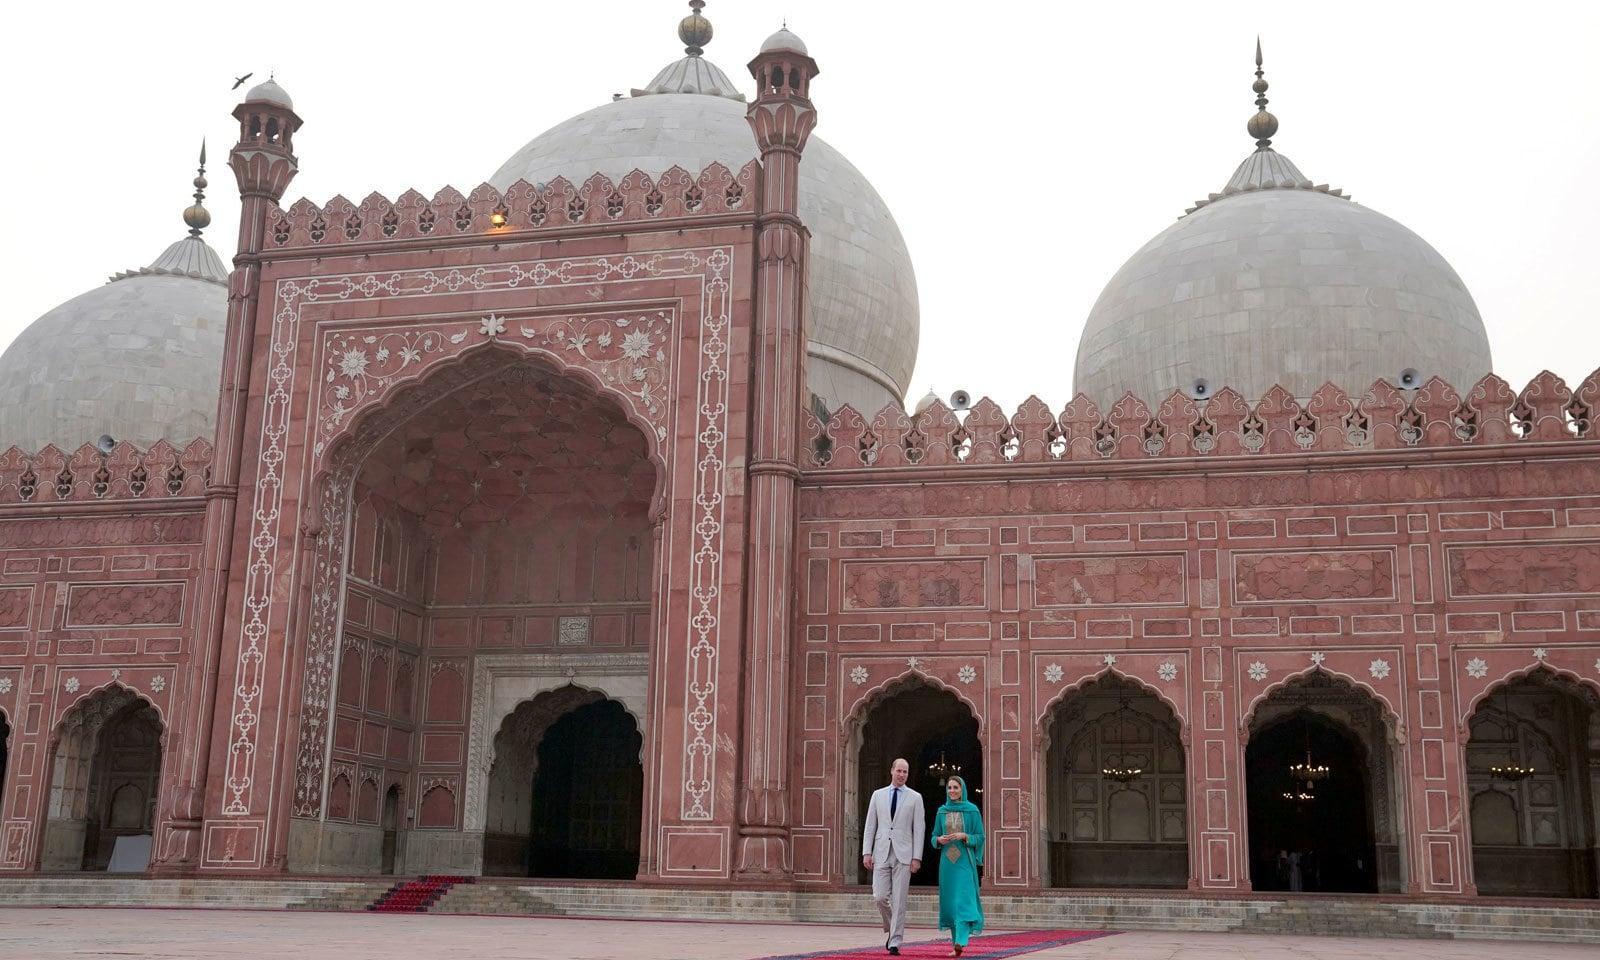 برطانوی شاہی جوڑے کے بادشاہی مسجد کے دورے کے دوران لی گئی ایک خوبصورت تصویر— فوٹو: رائٹرز